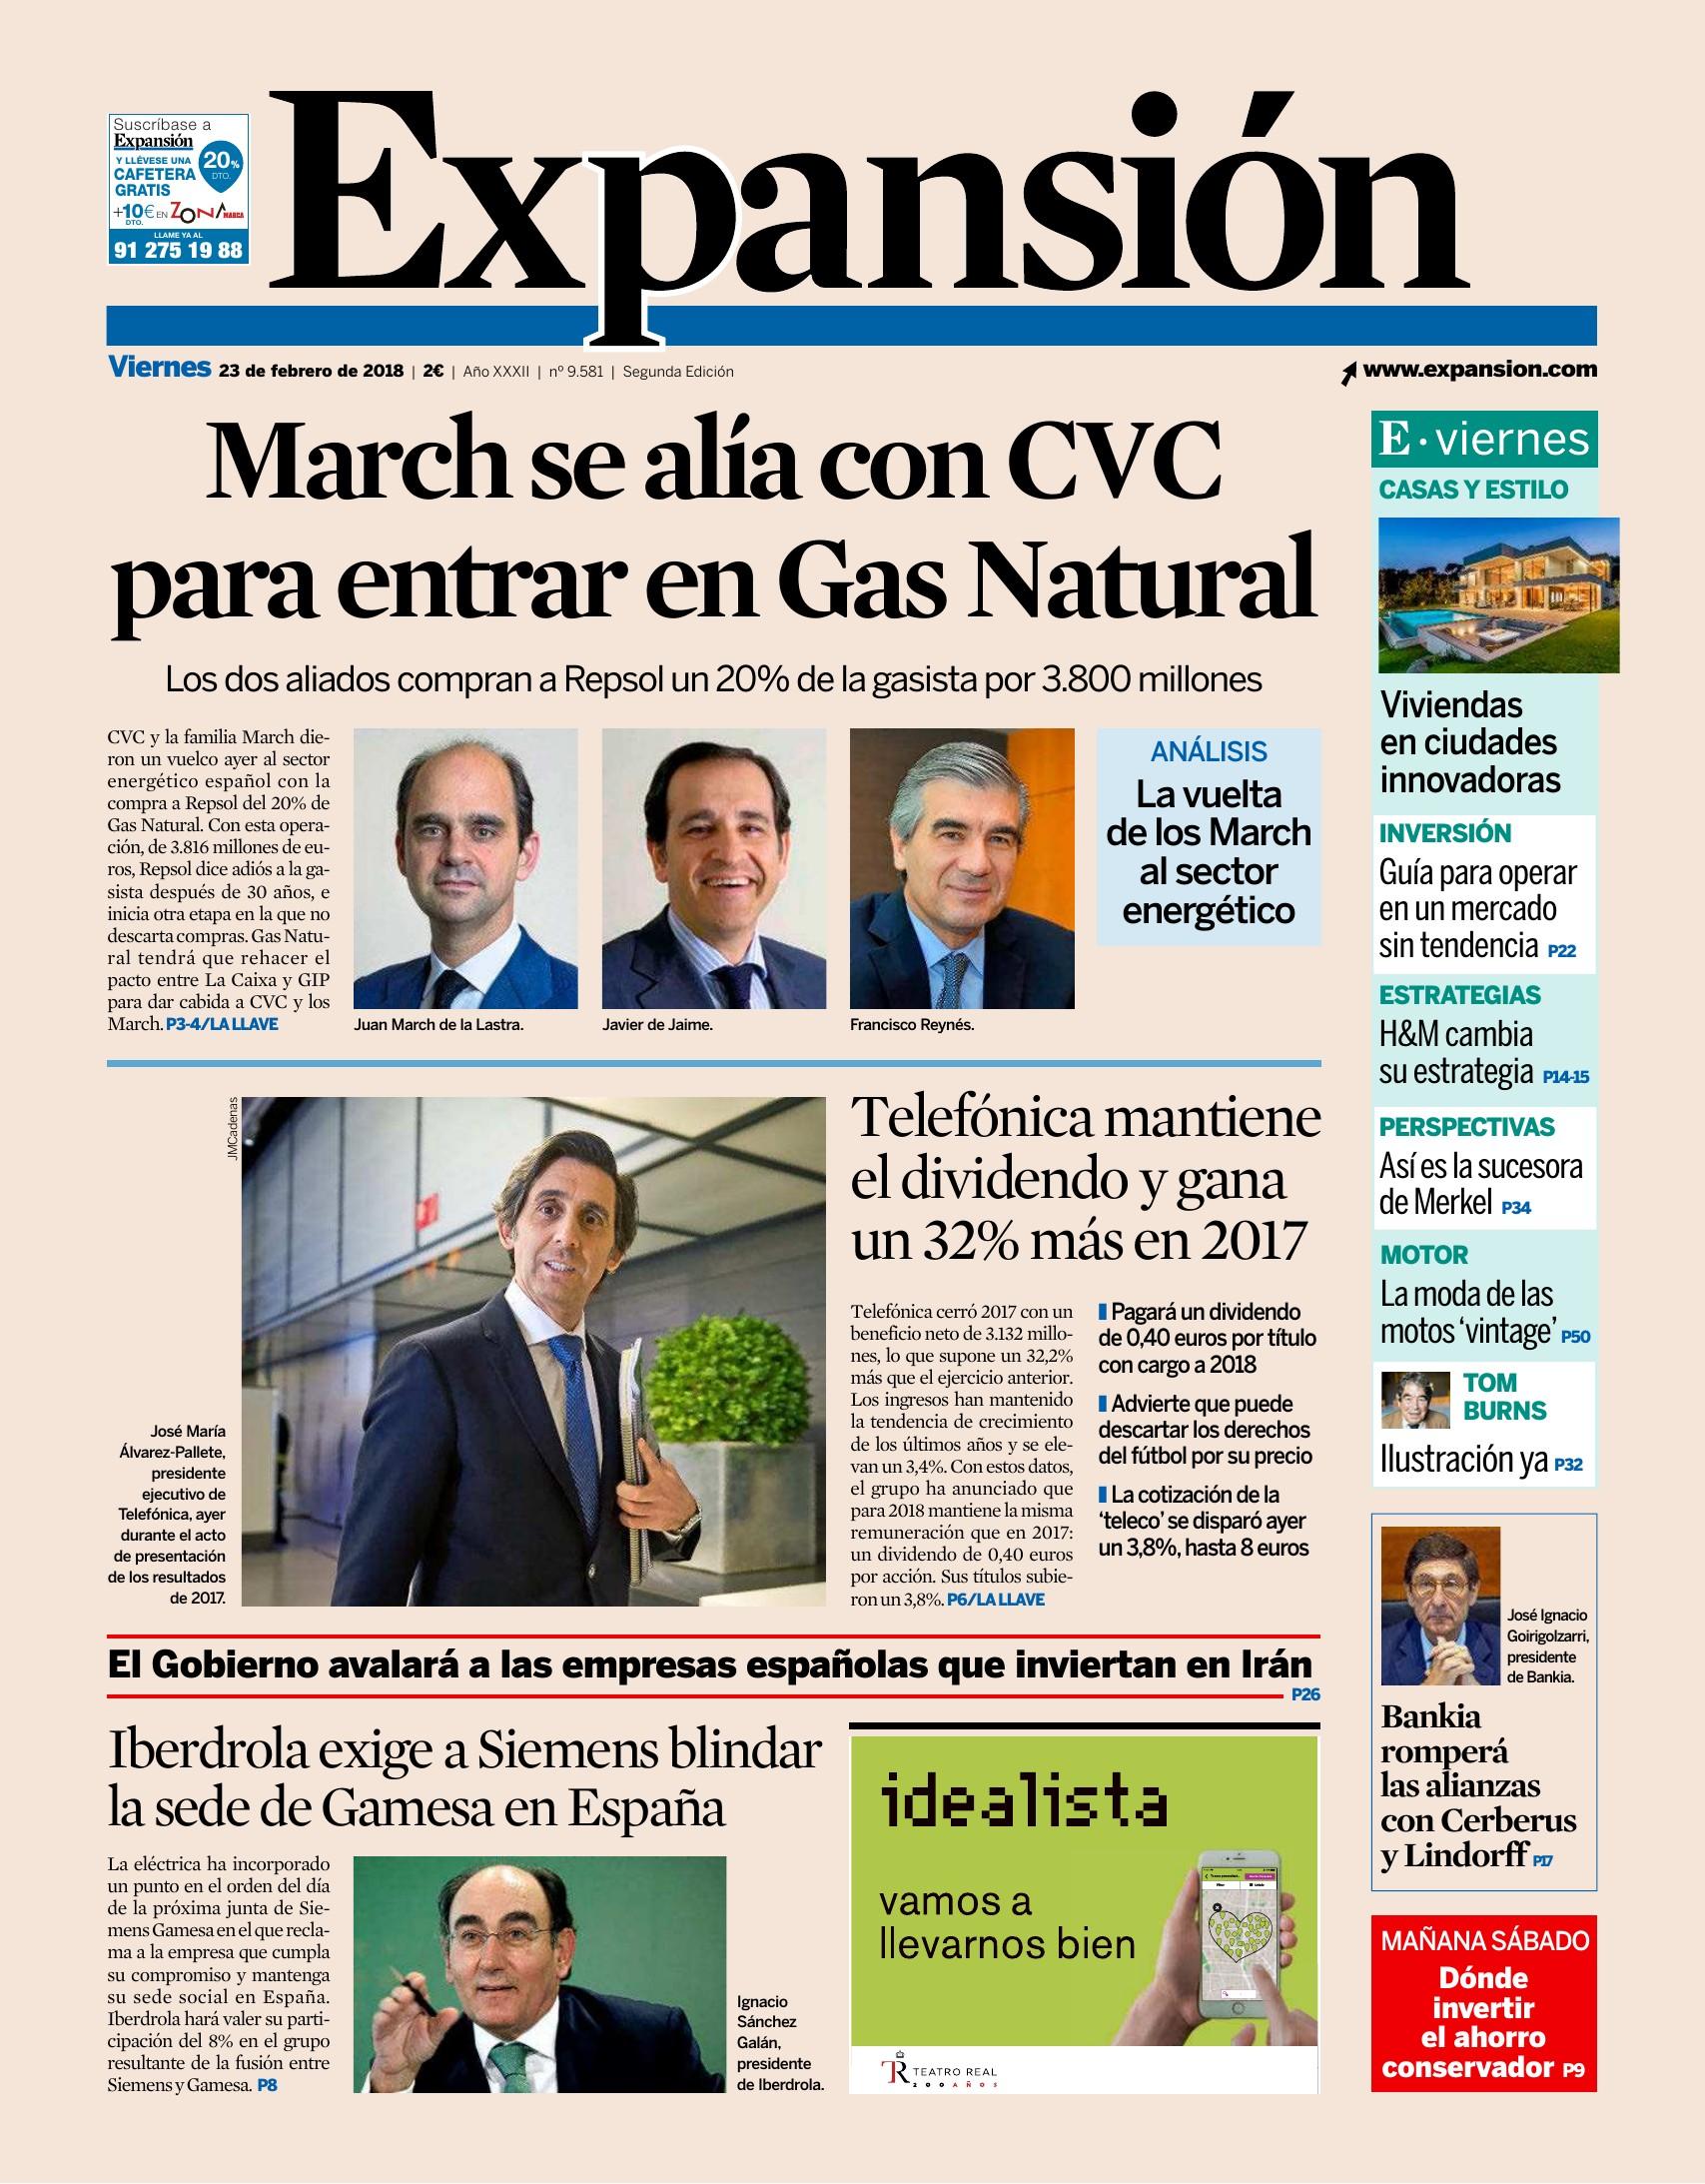 Cuandoenelmundo Calendario Argentina 2019 Más Reciente Expanci 243 N 23 02 2018 Of Cuandoenelmundo Calendario Argentina 2019 Más Arriba-a-fecha Bigdata News